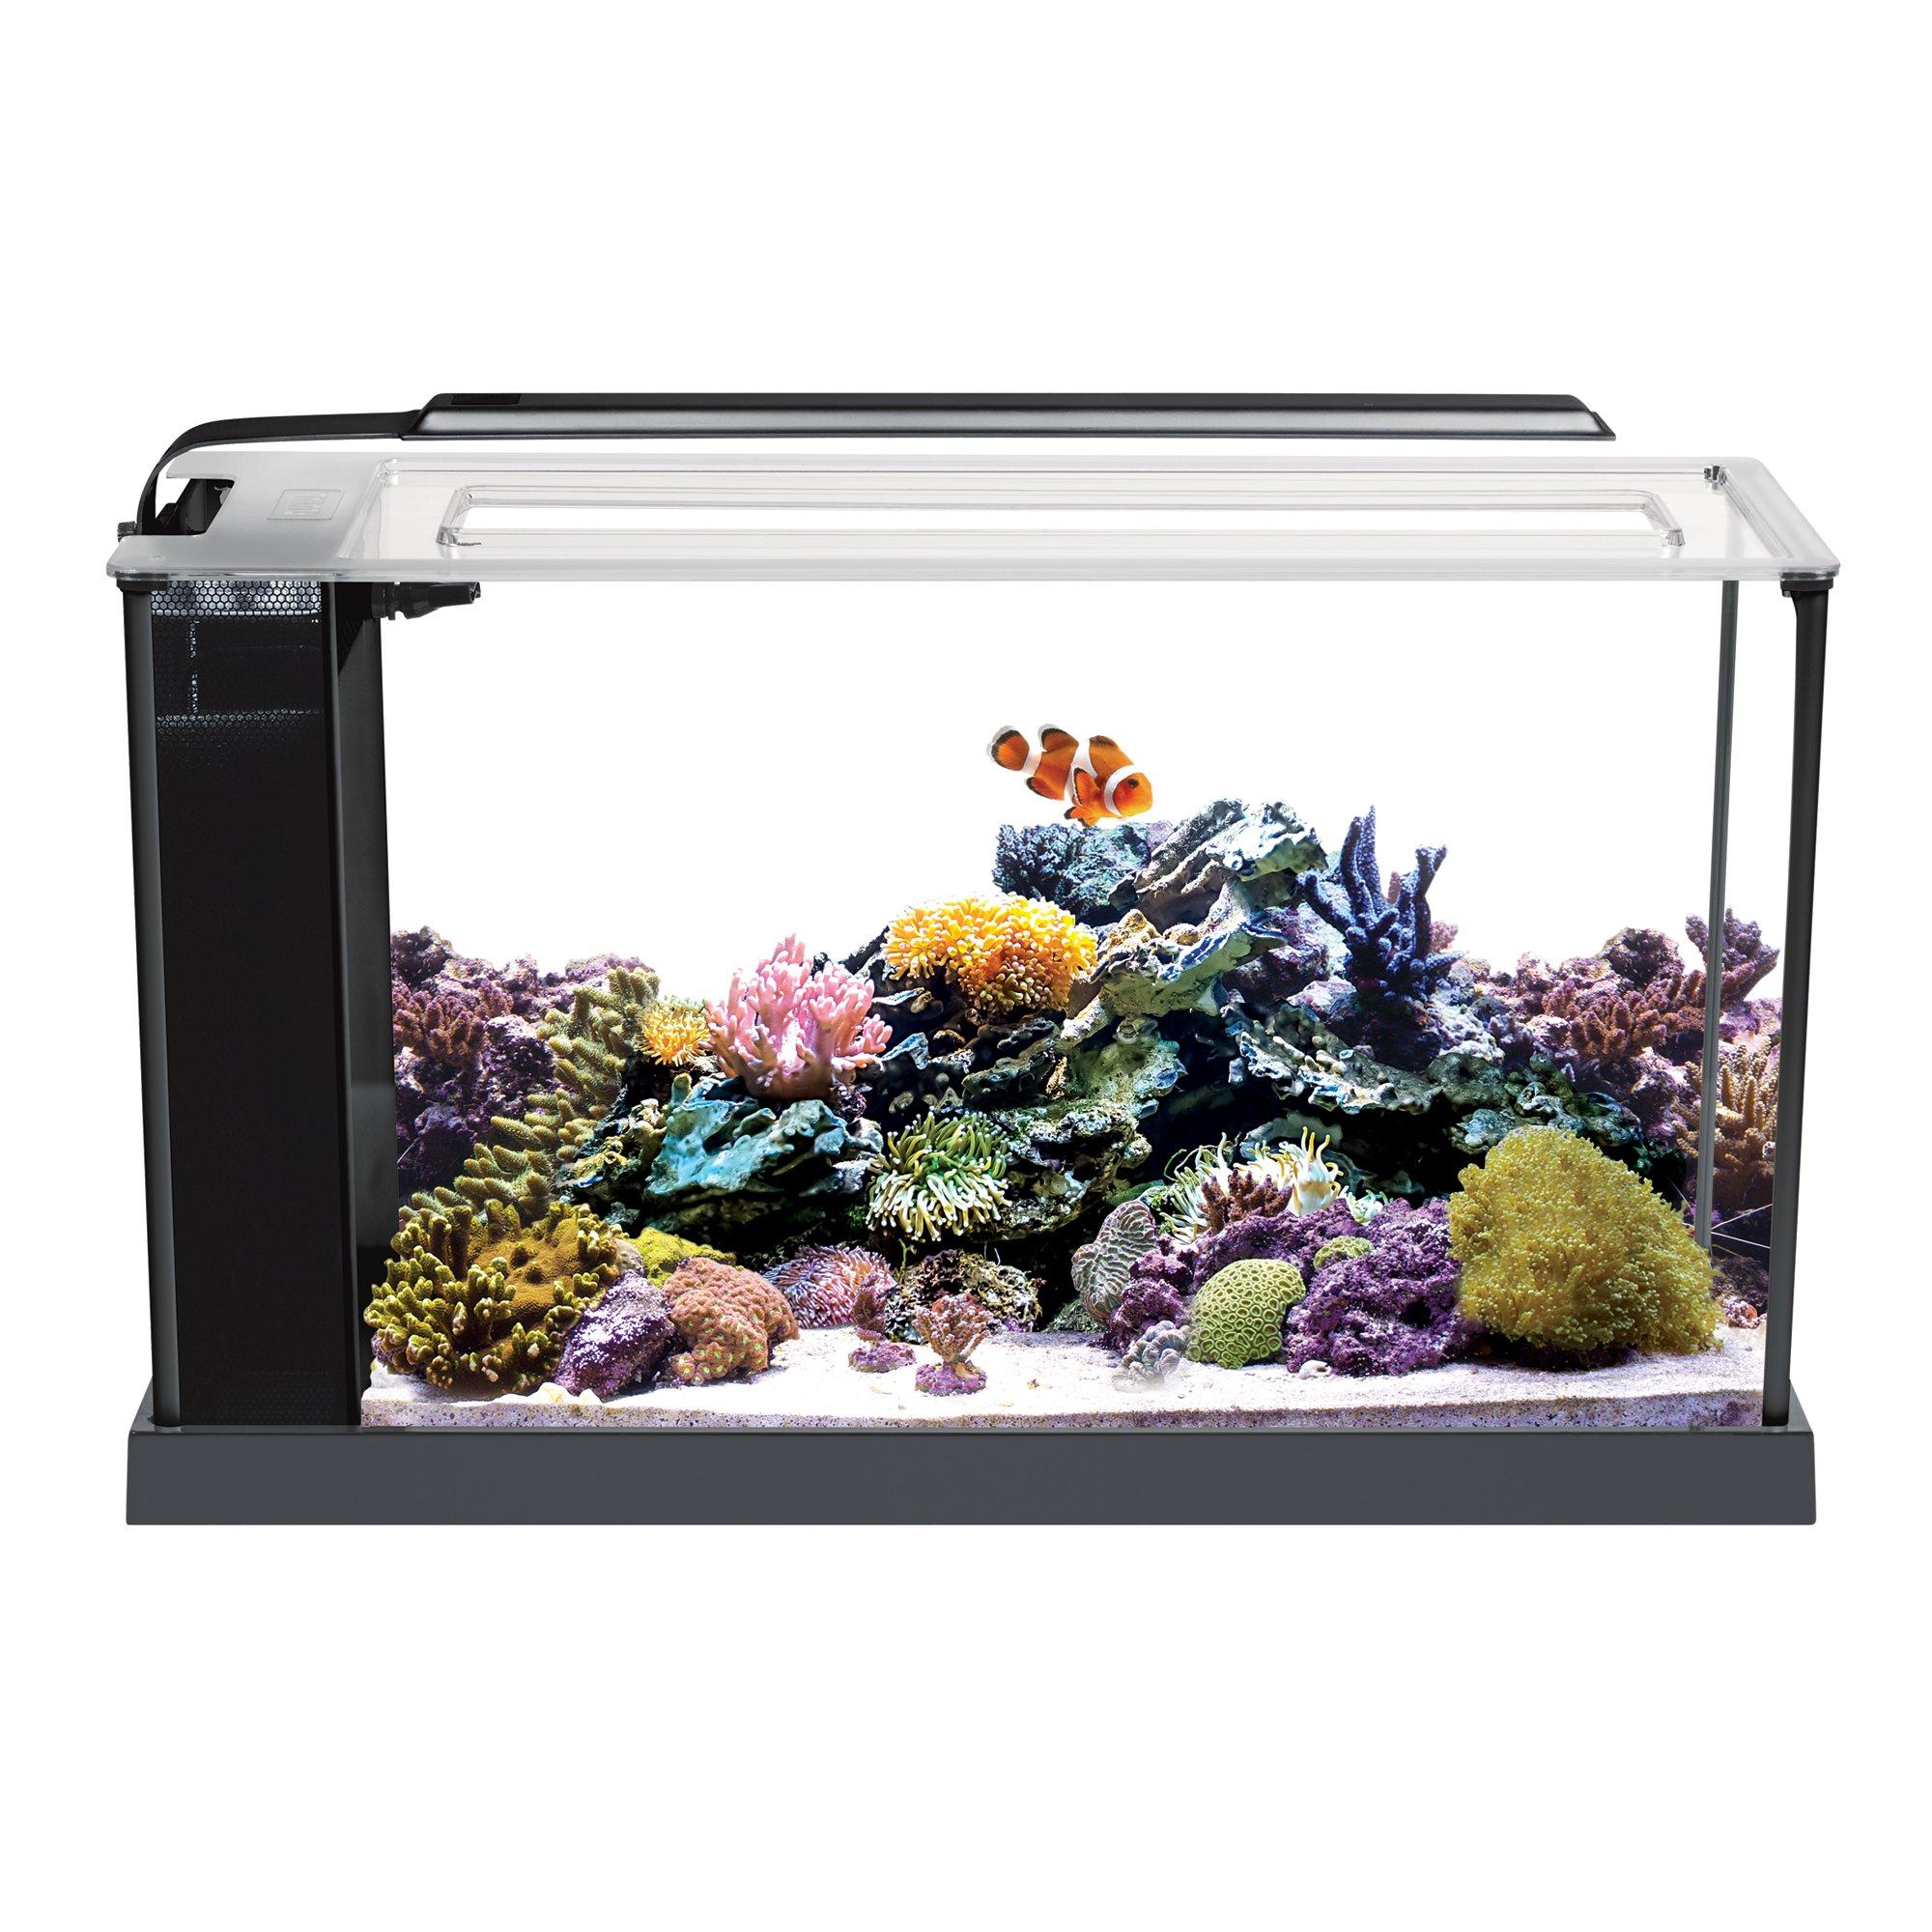 Fluval 5 Gallon Evo V Marine Aquarium Kit Aquascaping Et Aquarium